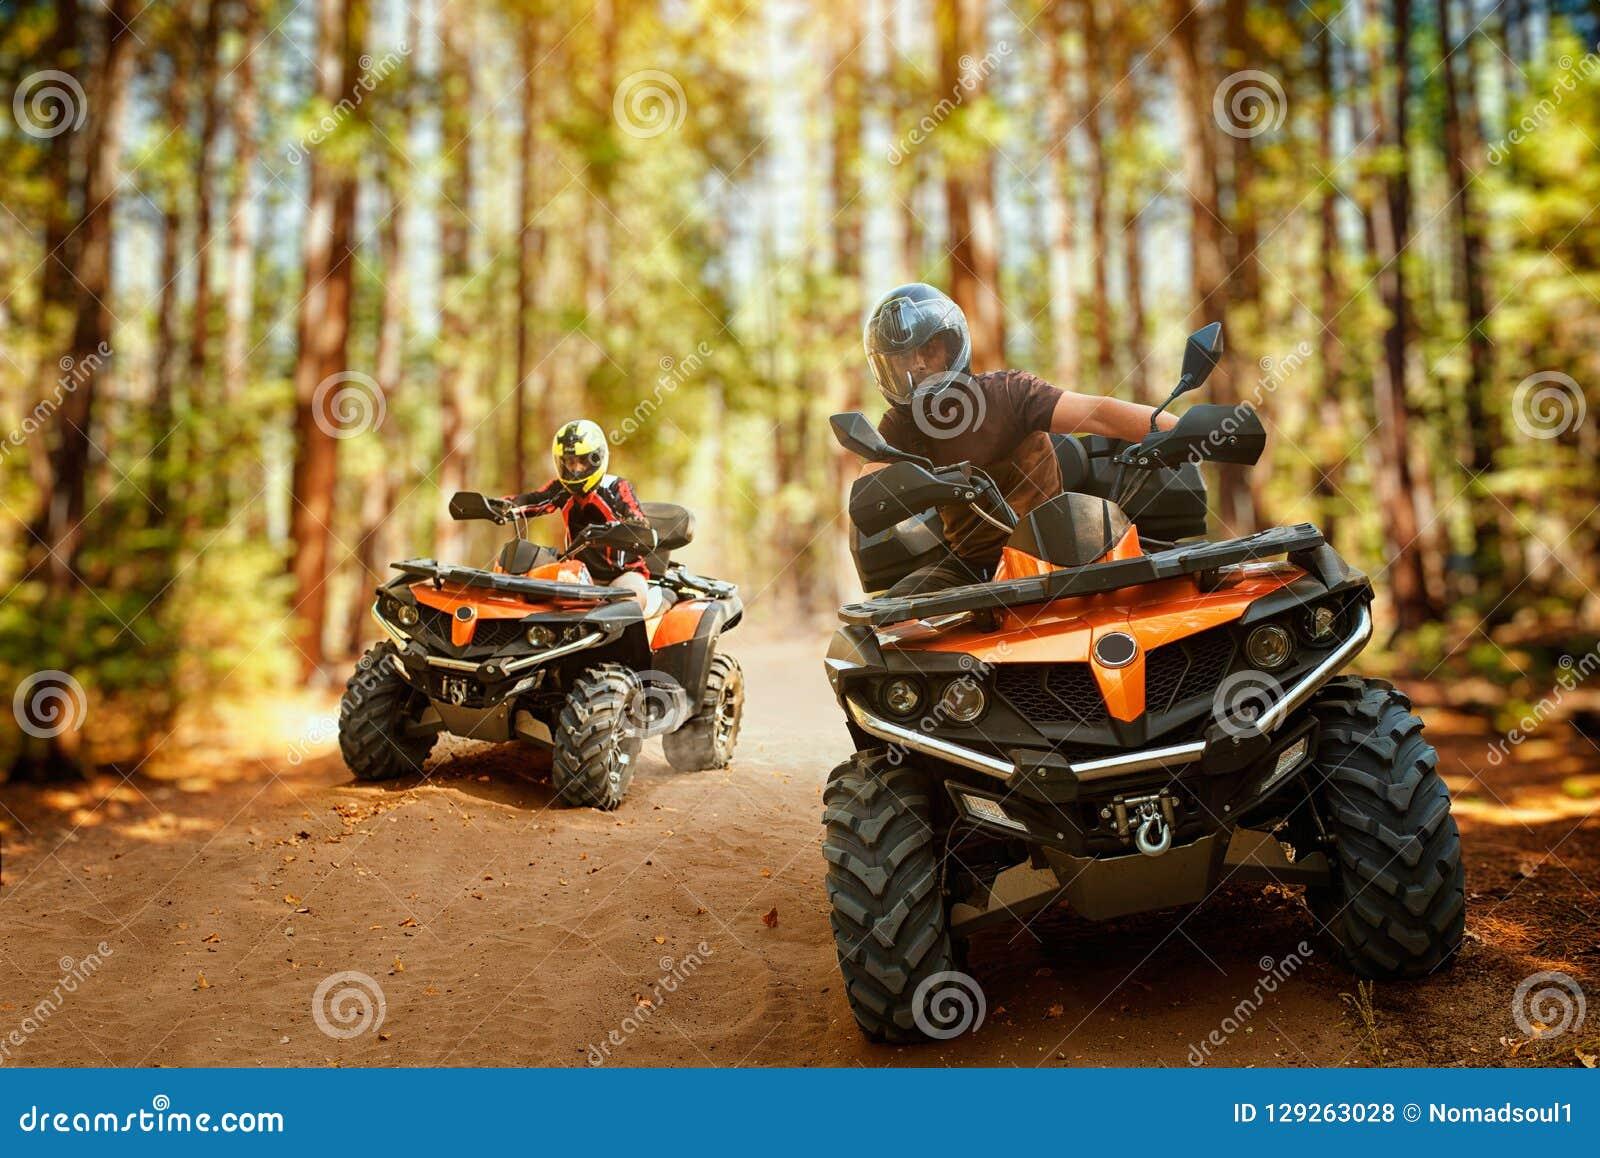 Två atvryttare, hastighetslopp i skog, främre sikt